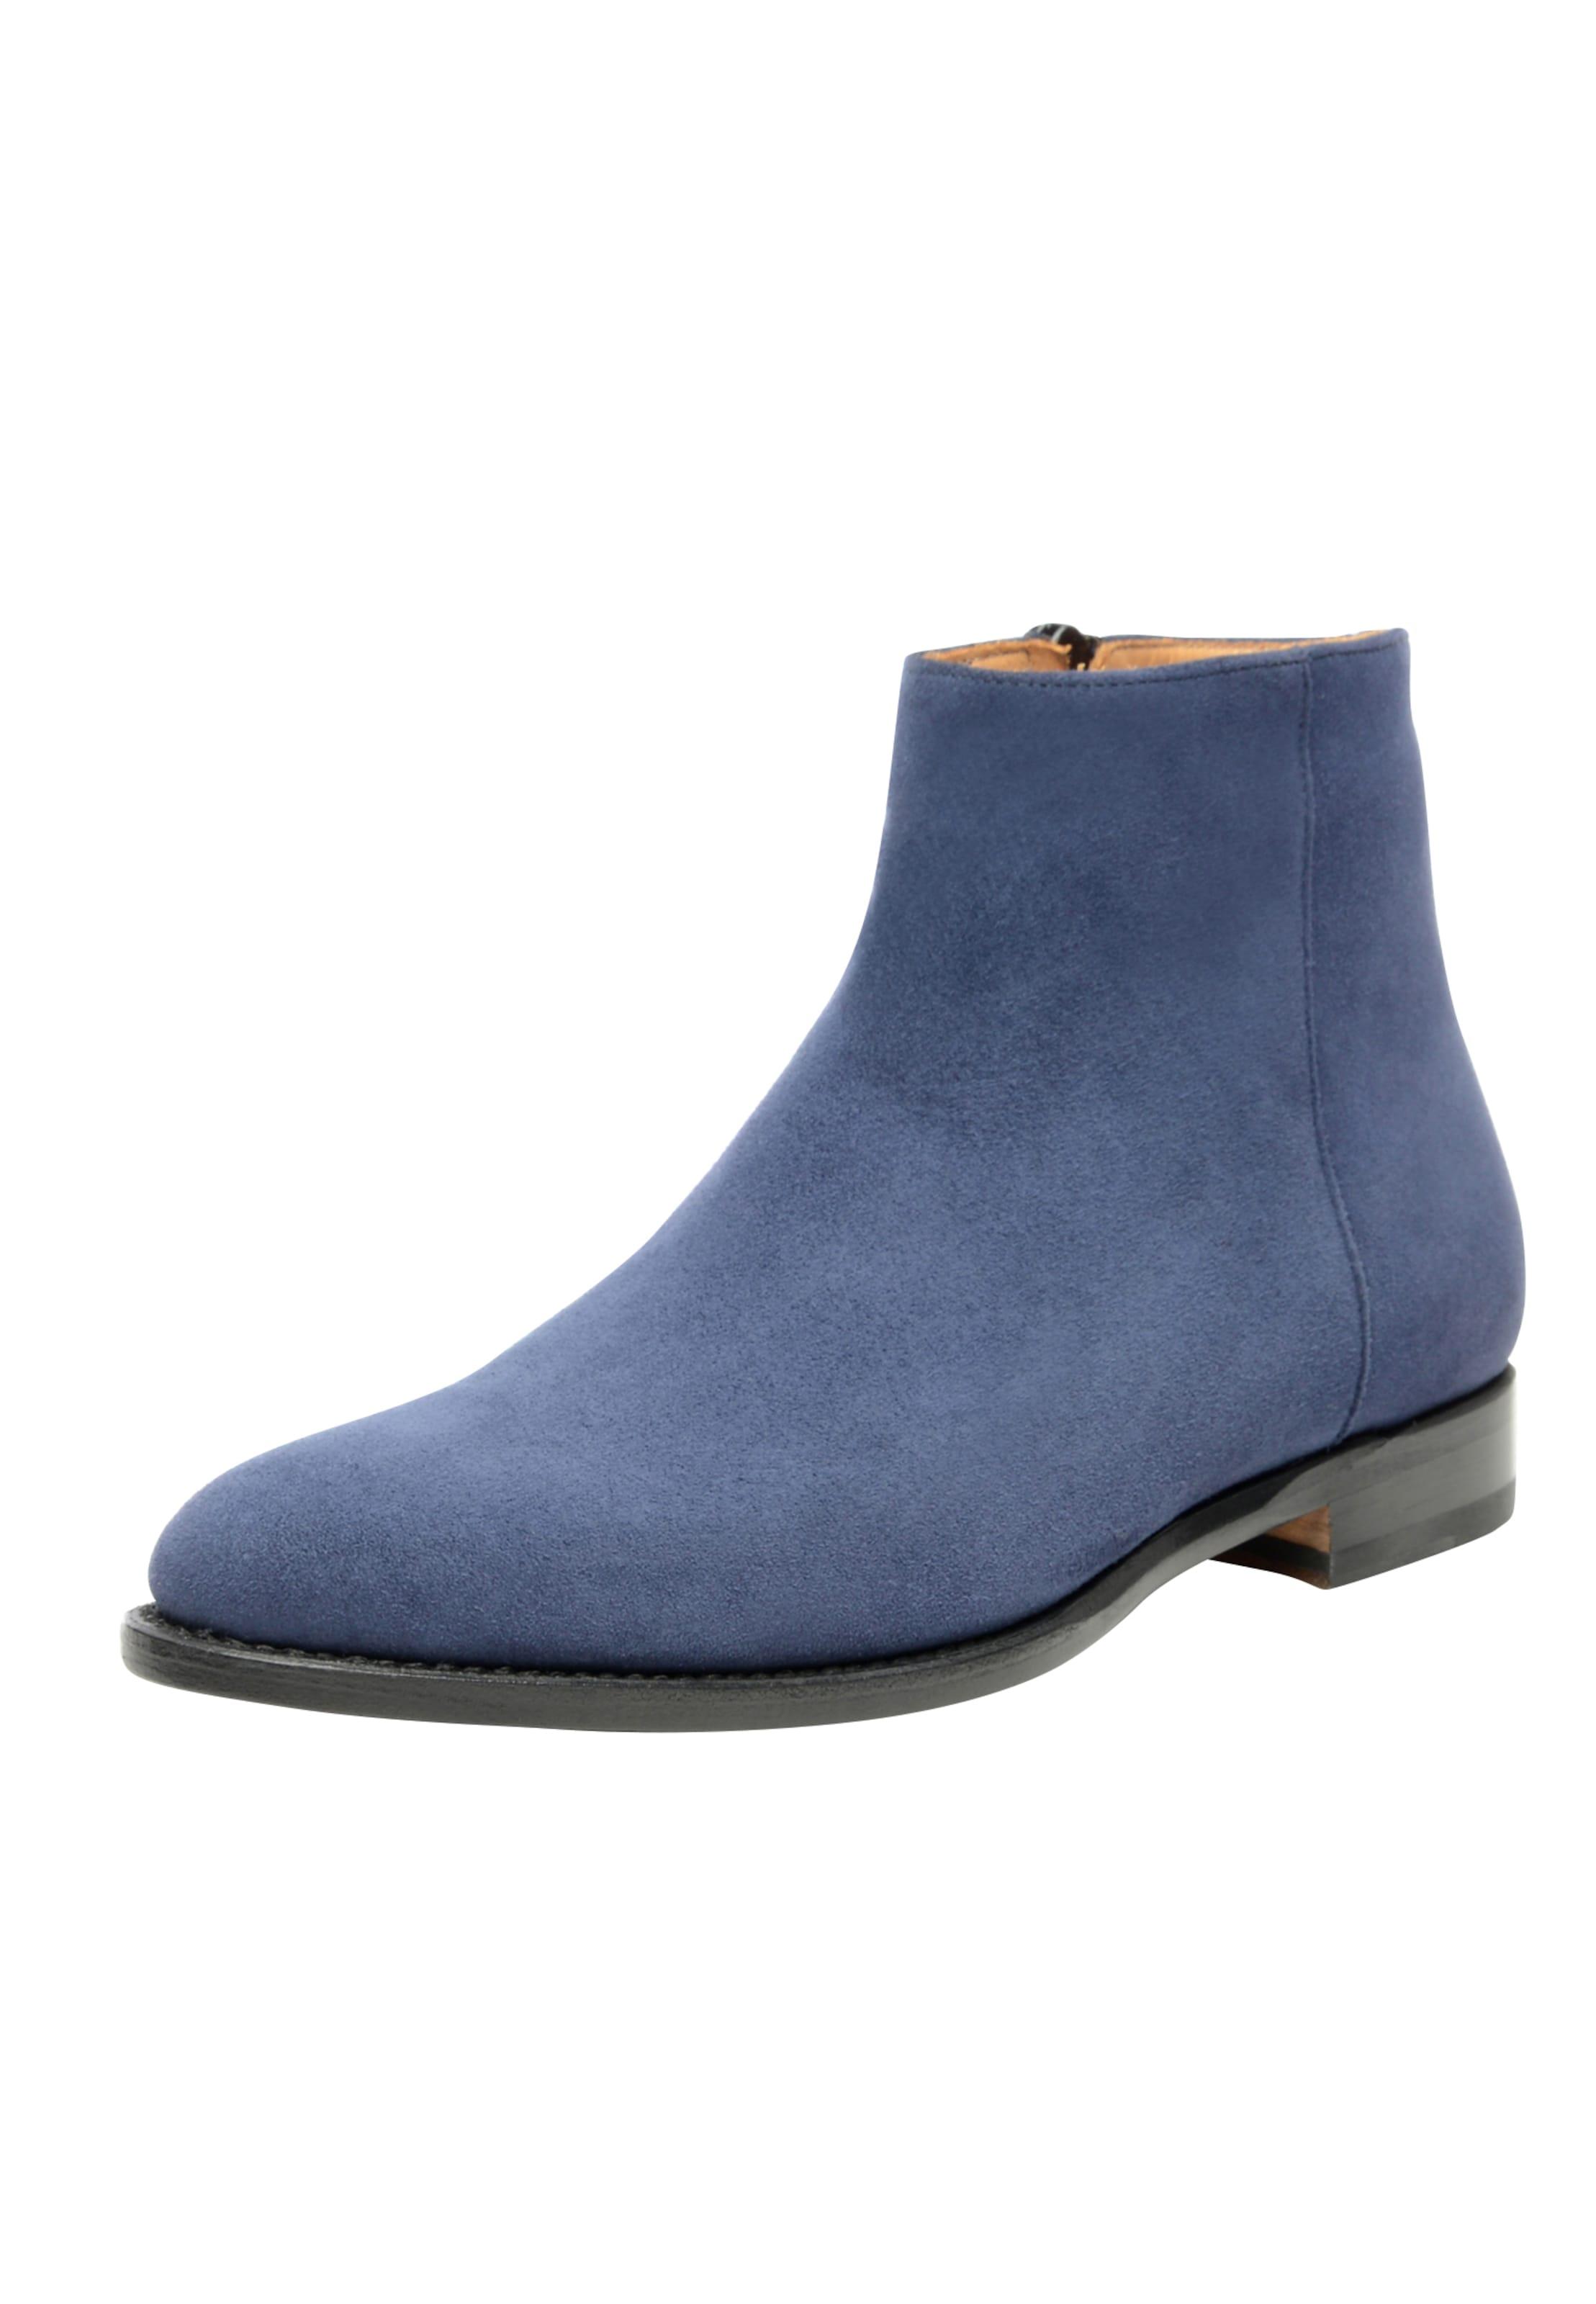 SHOEPASSION Stiefeletten No. 205 Verschleißfeste billige Schuhe